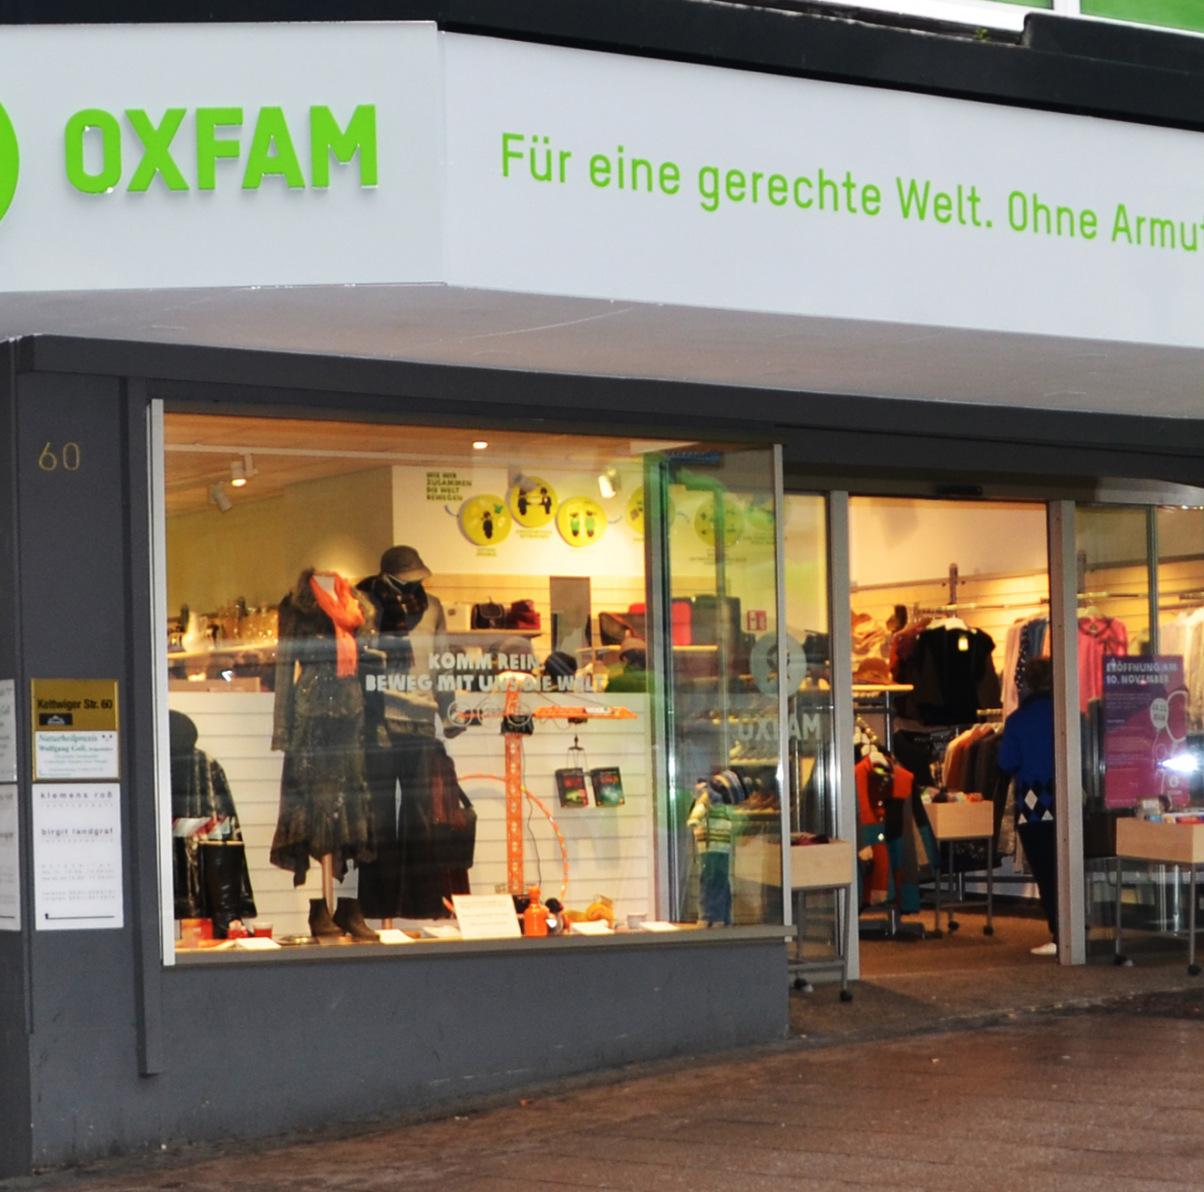 Oxfam Shop Essen - Außenansicht